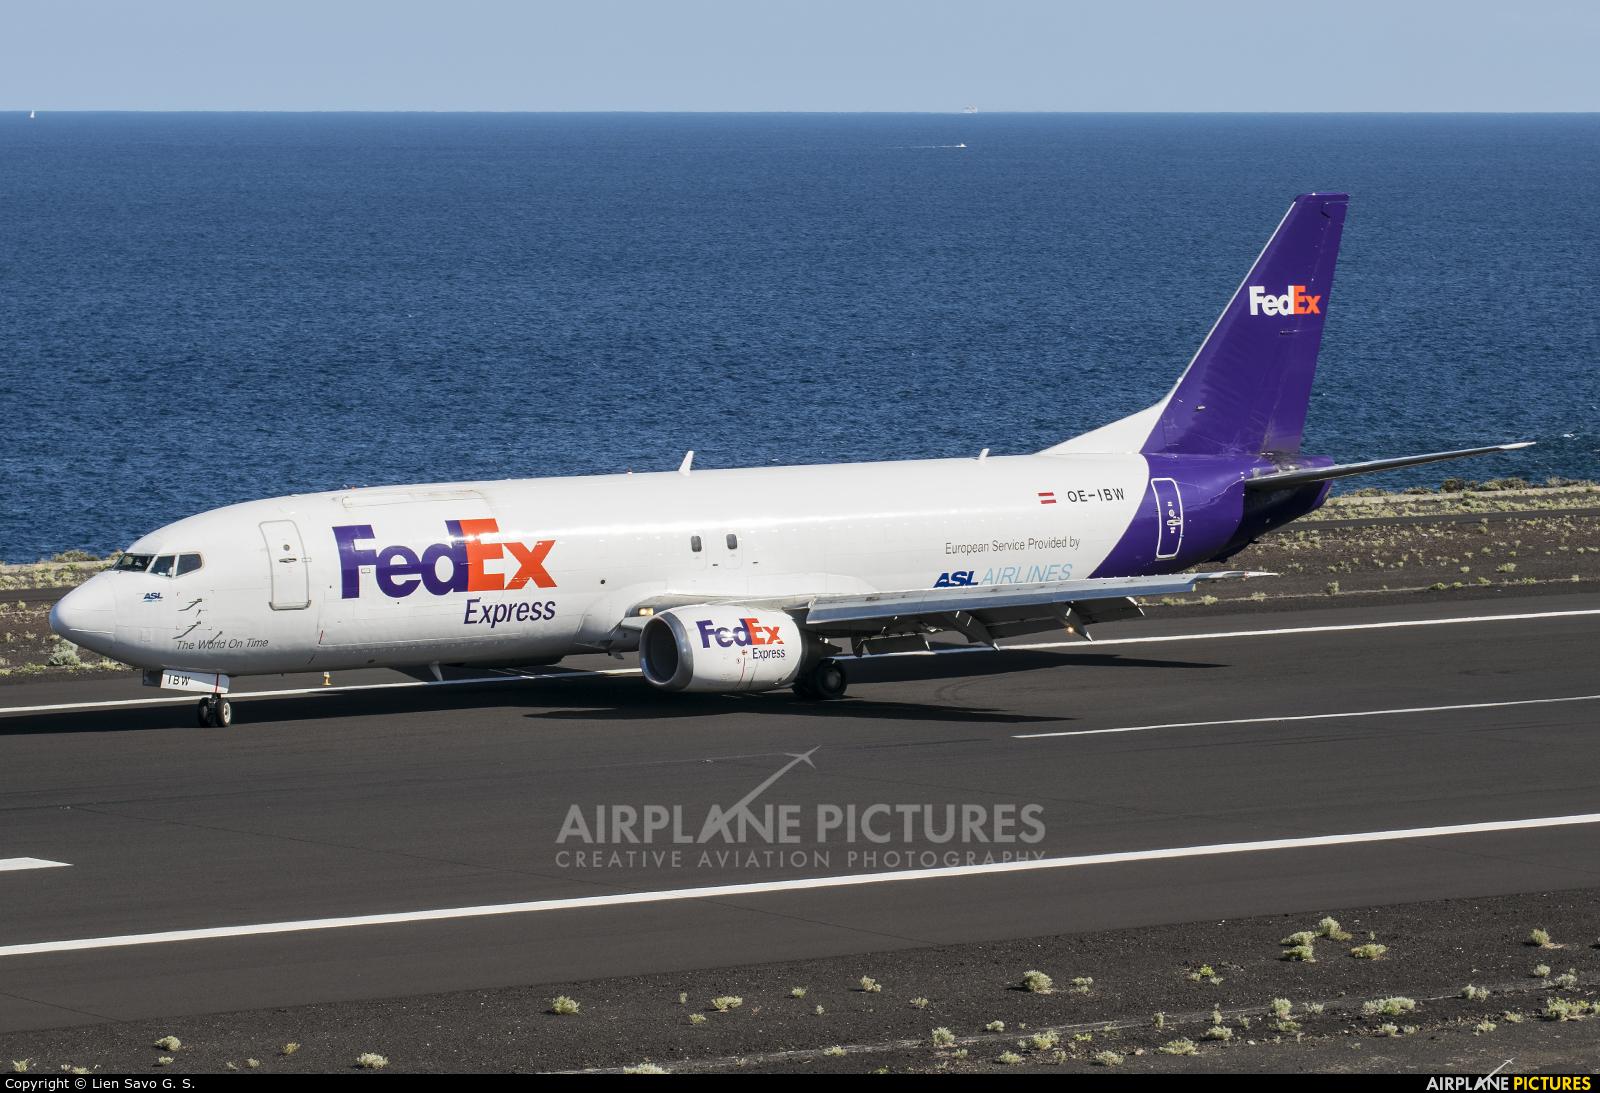 FedEx Federal Express OE-IBW aircraft at Santa Cruz de La Palma